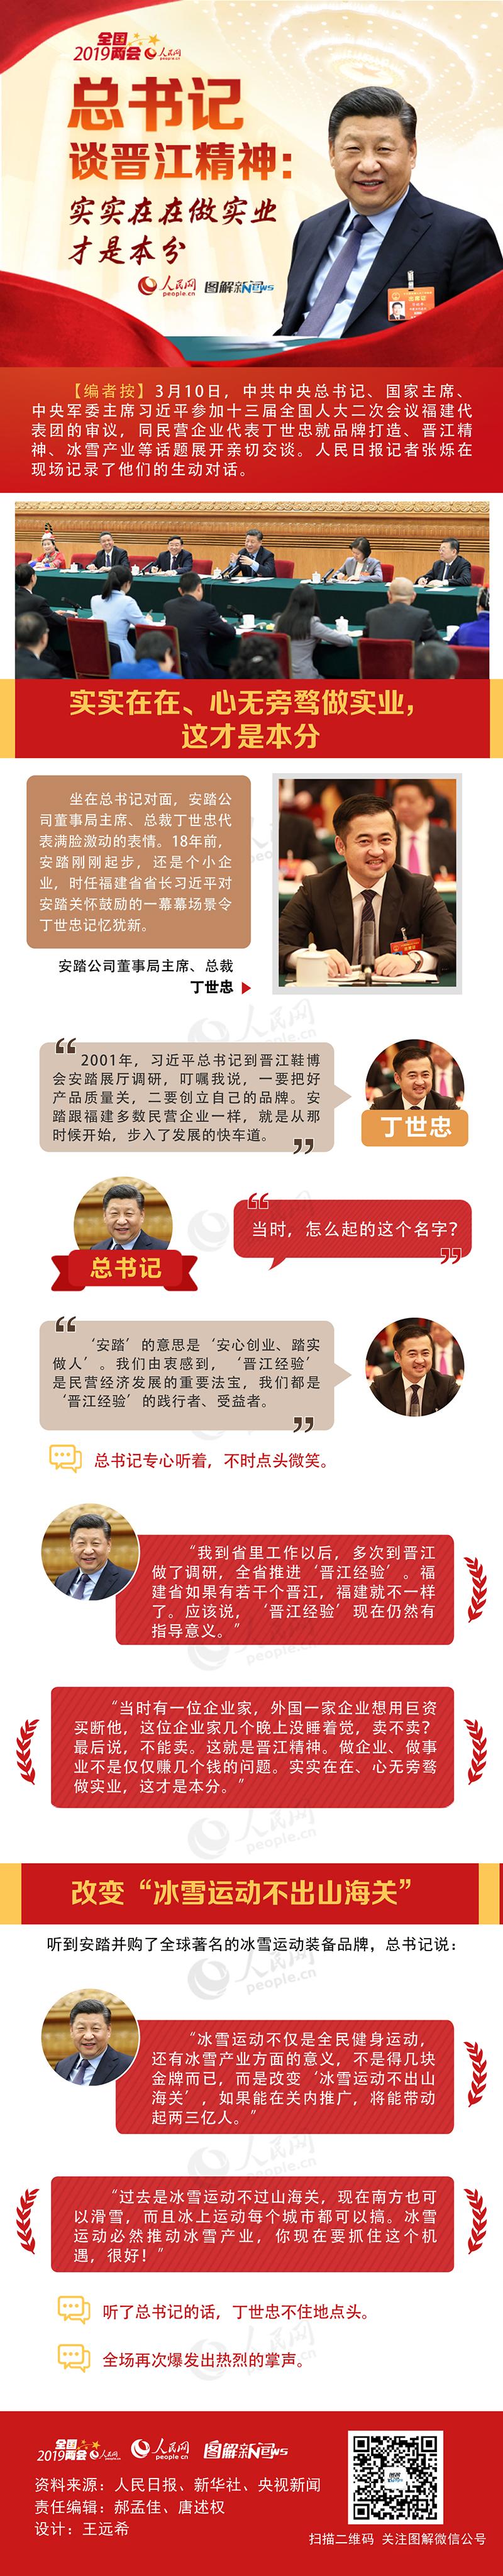 【图解】总书记谈晋江精神:实实在在做实业才是本分